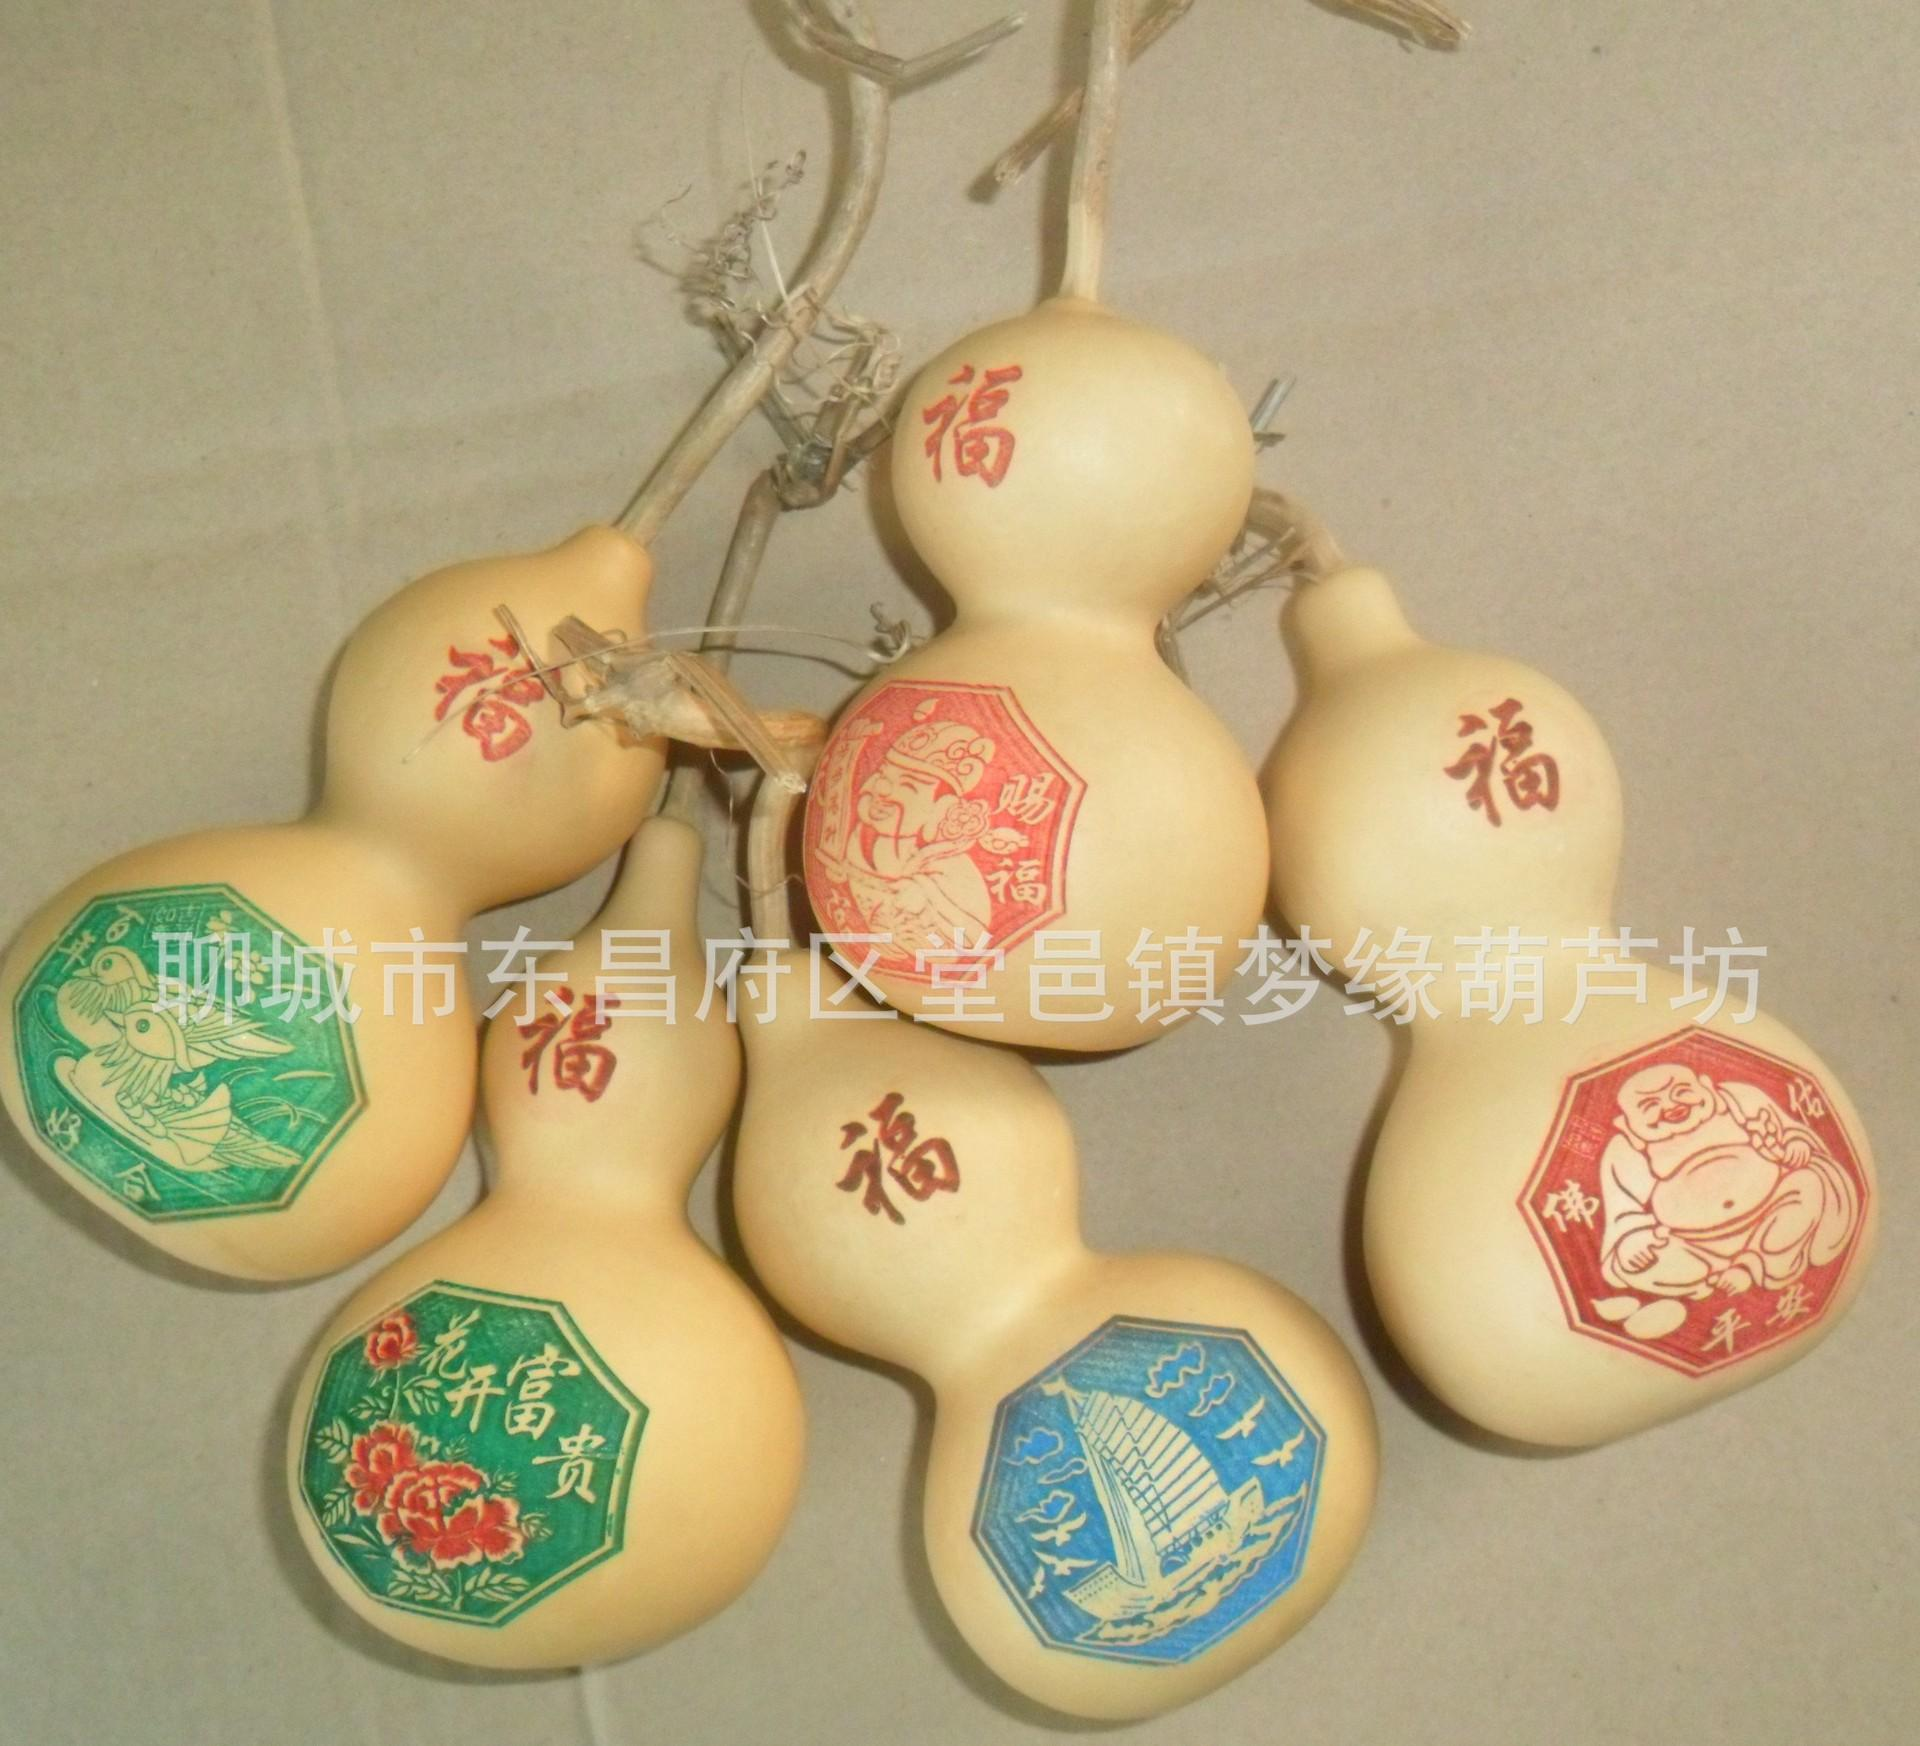 精品雕刻葫芦精美吉祥图案白皮葫芦